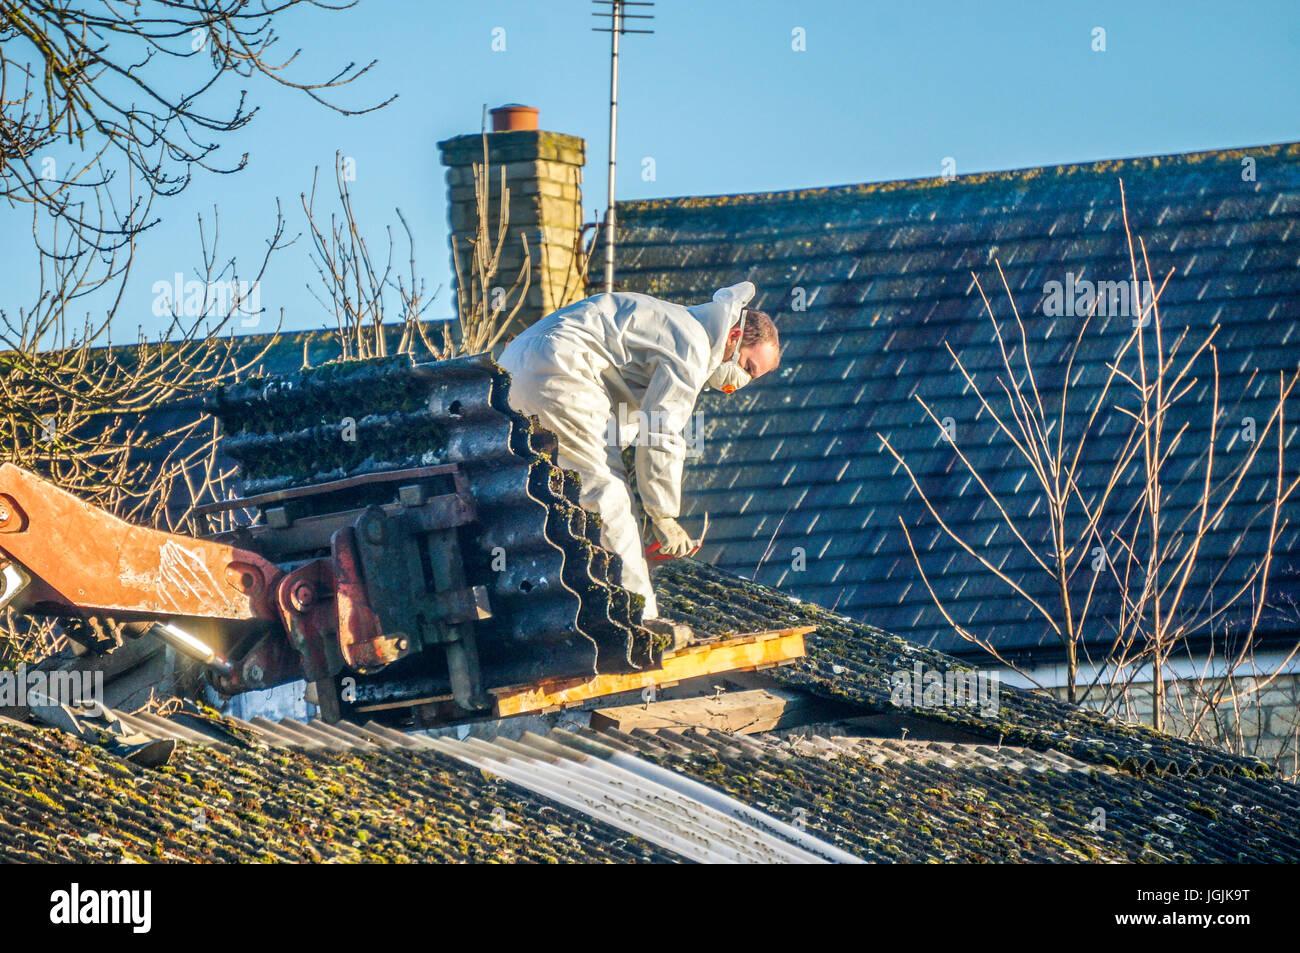 Un uomo che indossa indumenti protettivi durante la rimozione delle coperture in amianto da un vecchio fienile. Foto Stock